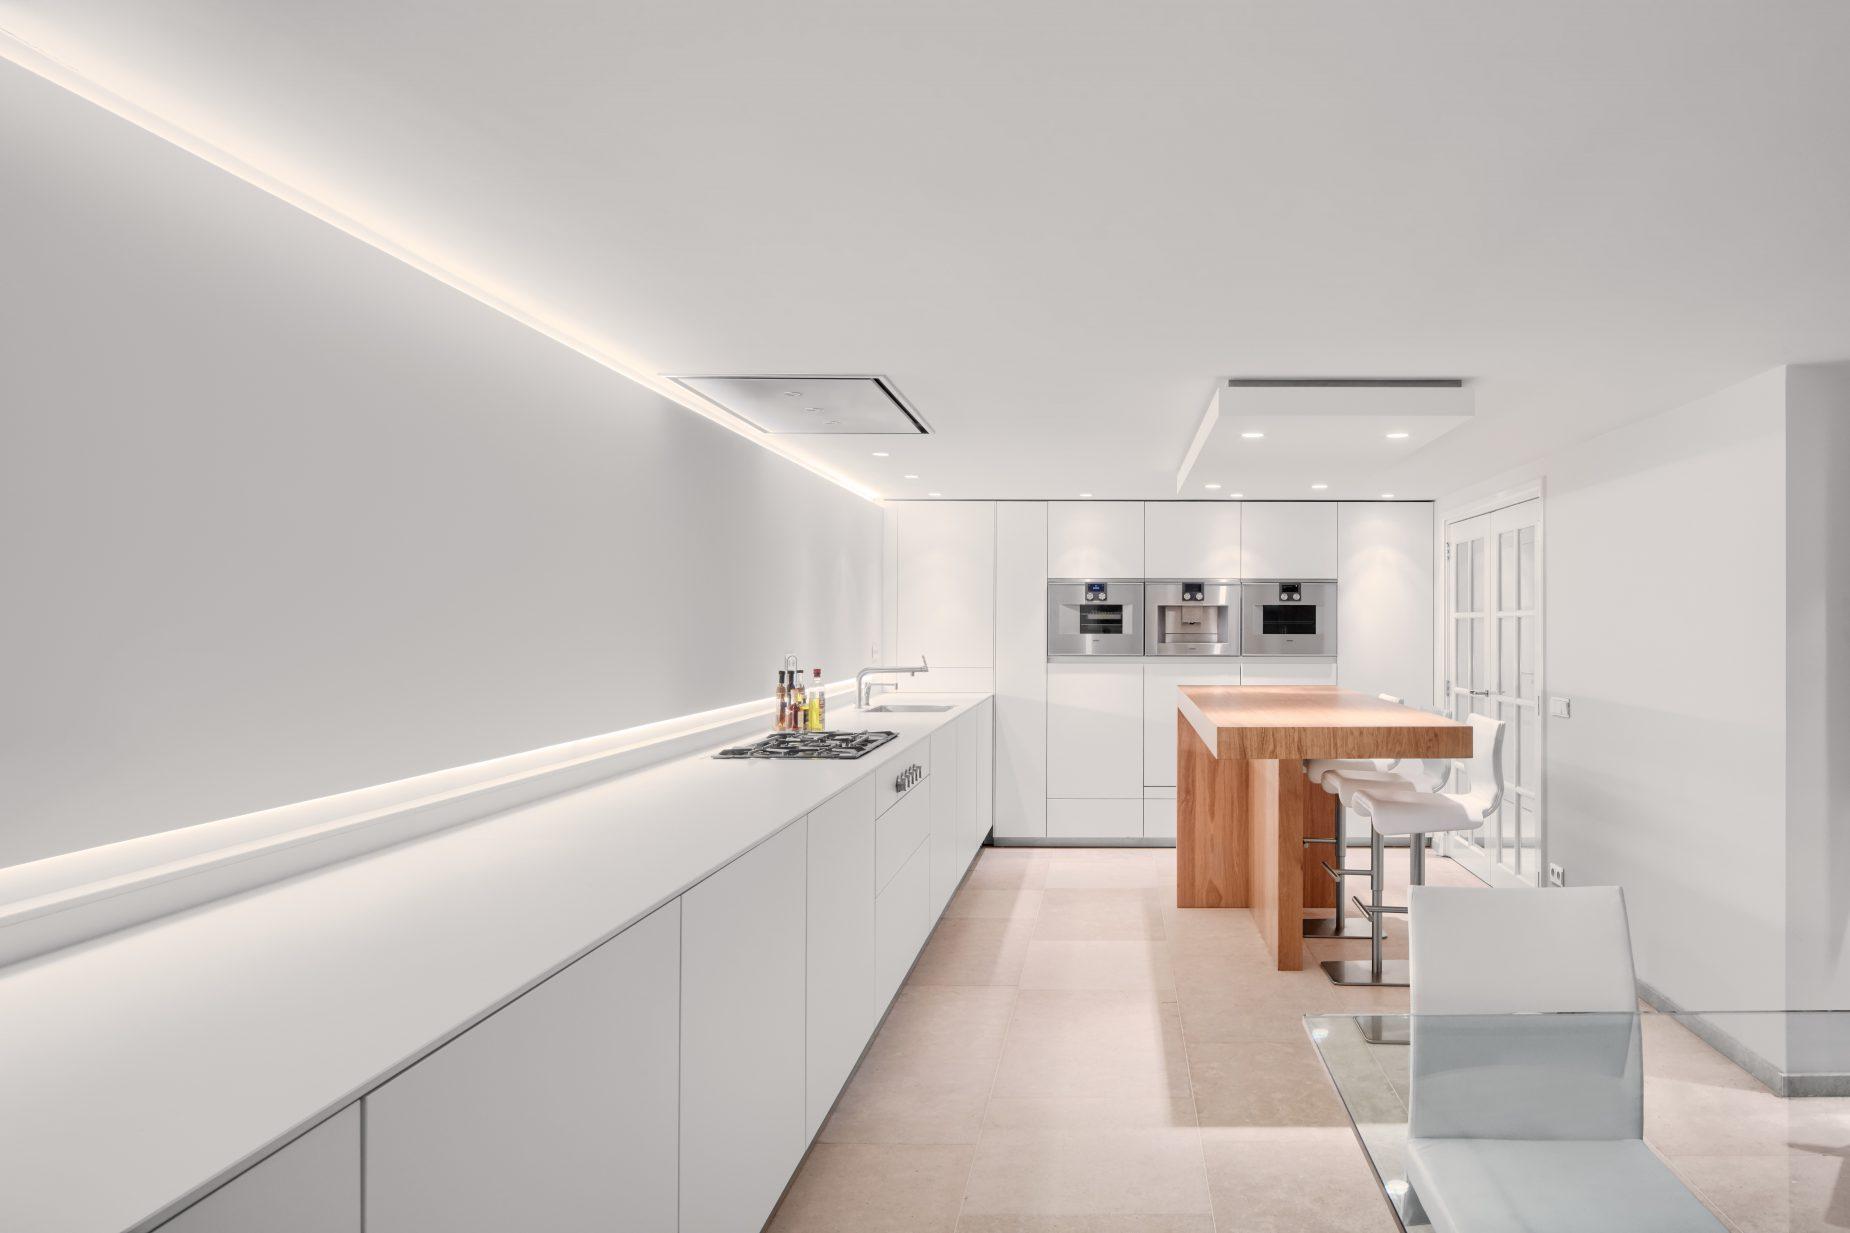 Moderne witte keuken met hout en verlichting ontwerp door binnenhuis architect Maxim Winkelaar.